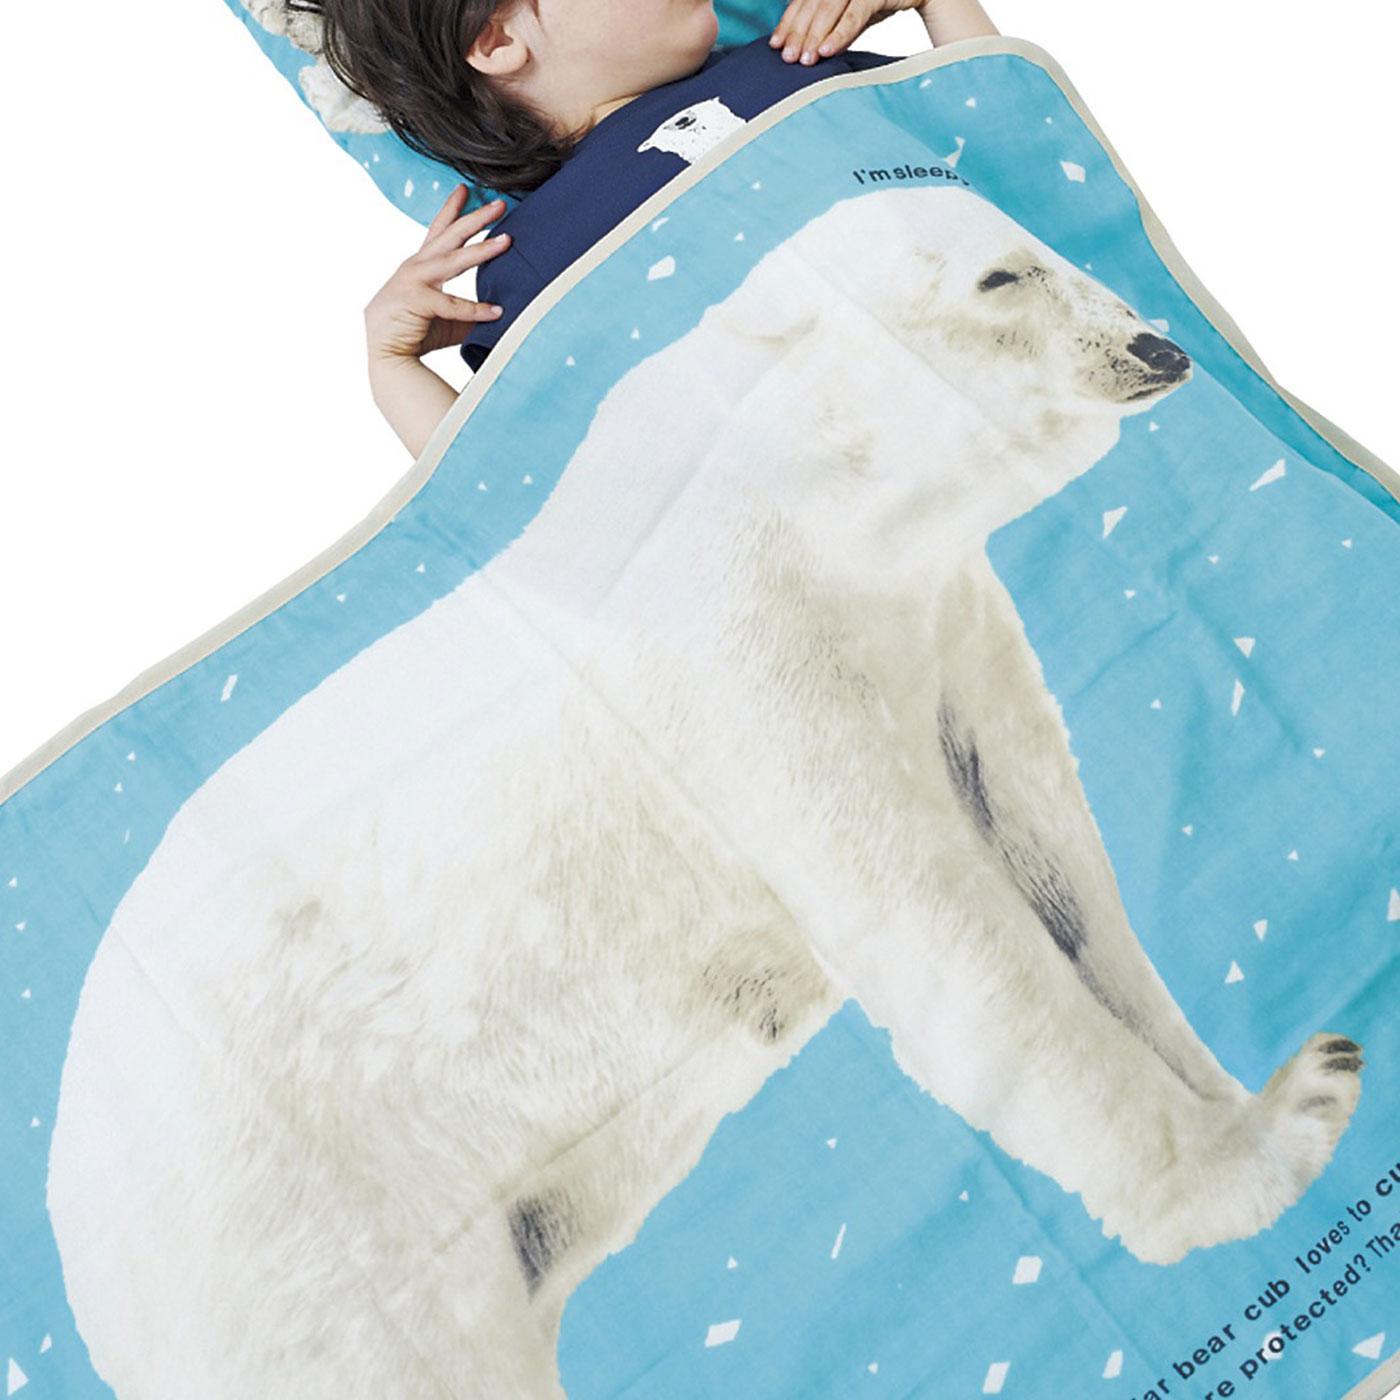 天王寺動物園とコラボ  大人気! ホッキョクグマのリラックスガーゼケットセット